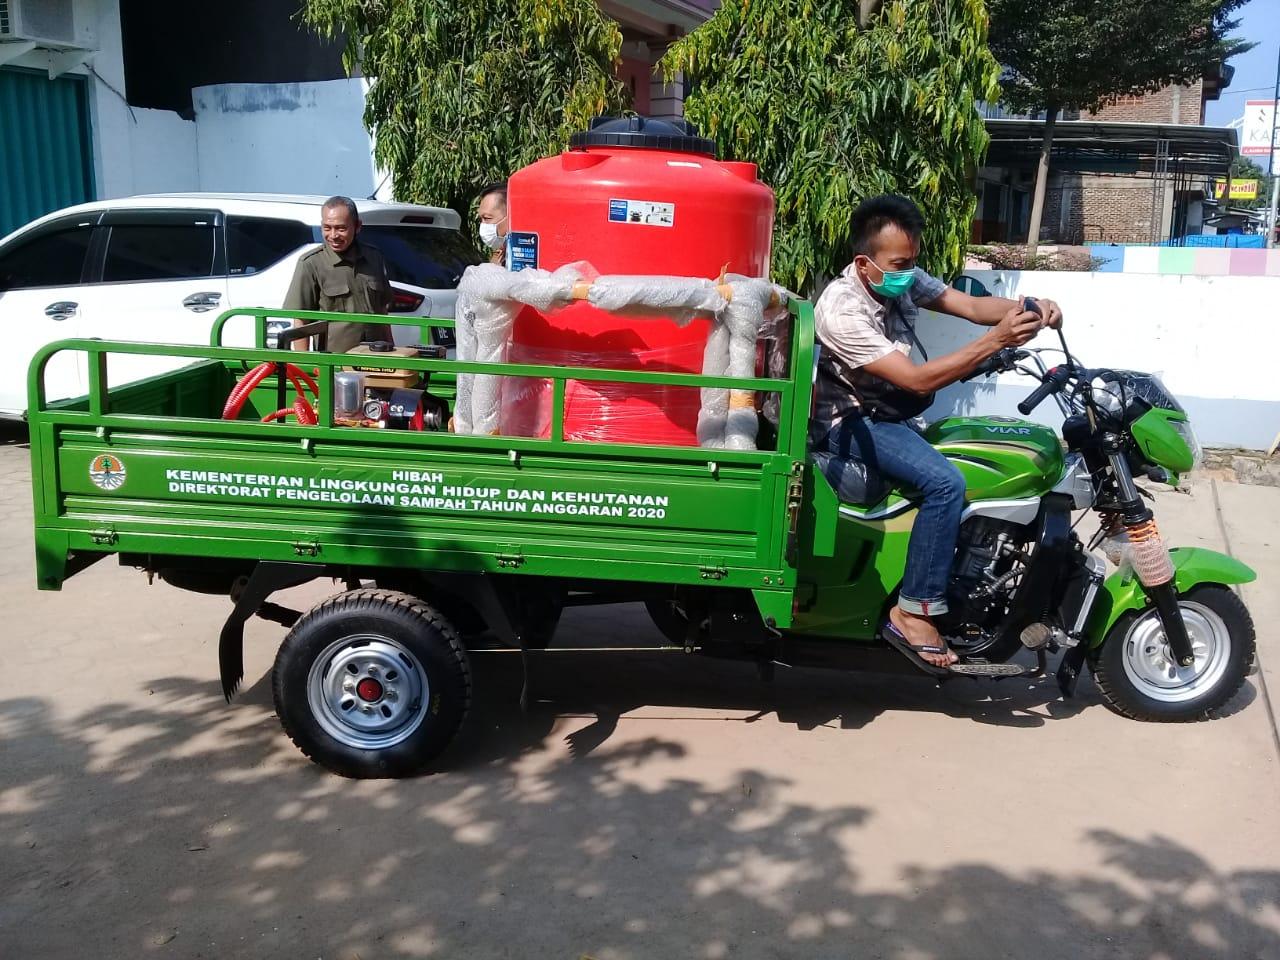 Bupati TuBaWinarti, mengapresiasi dan mengucapkan terima kasih atas bantuan unit kendaraan jenis bentor untuk penyemprotan disinfektan